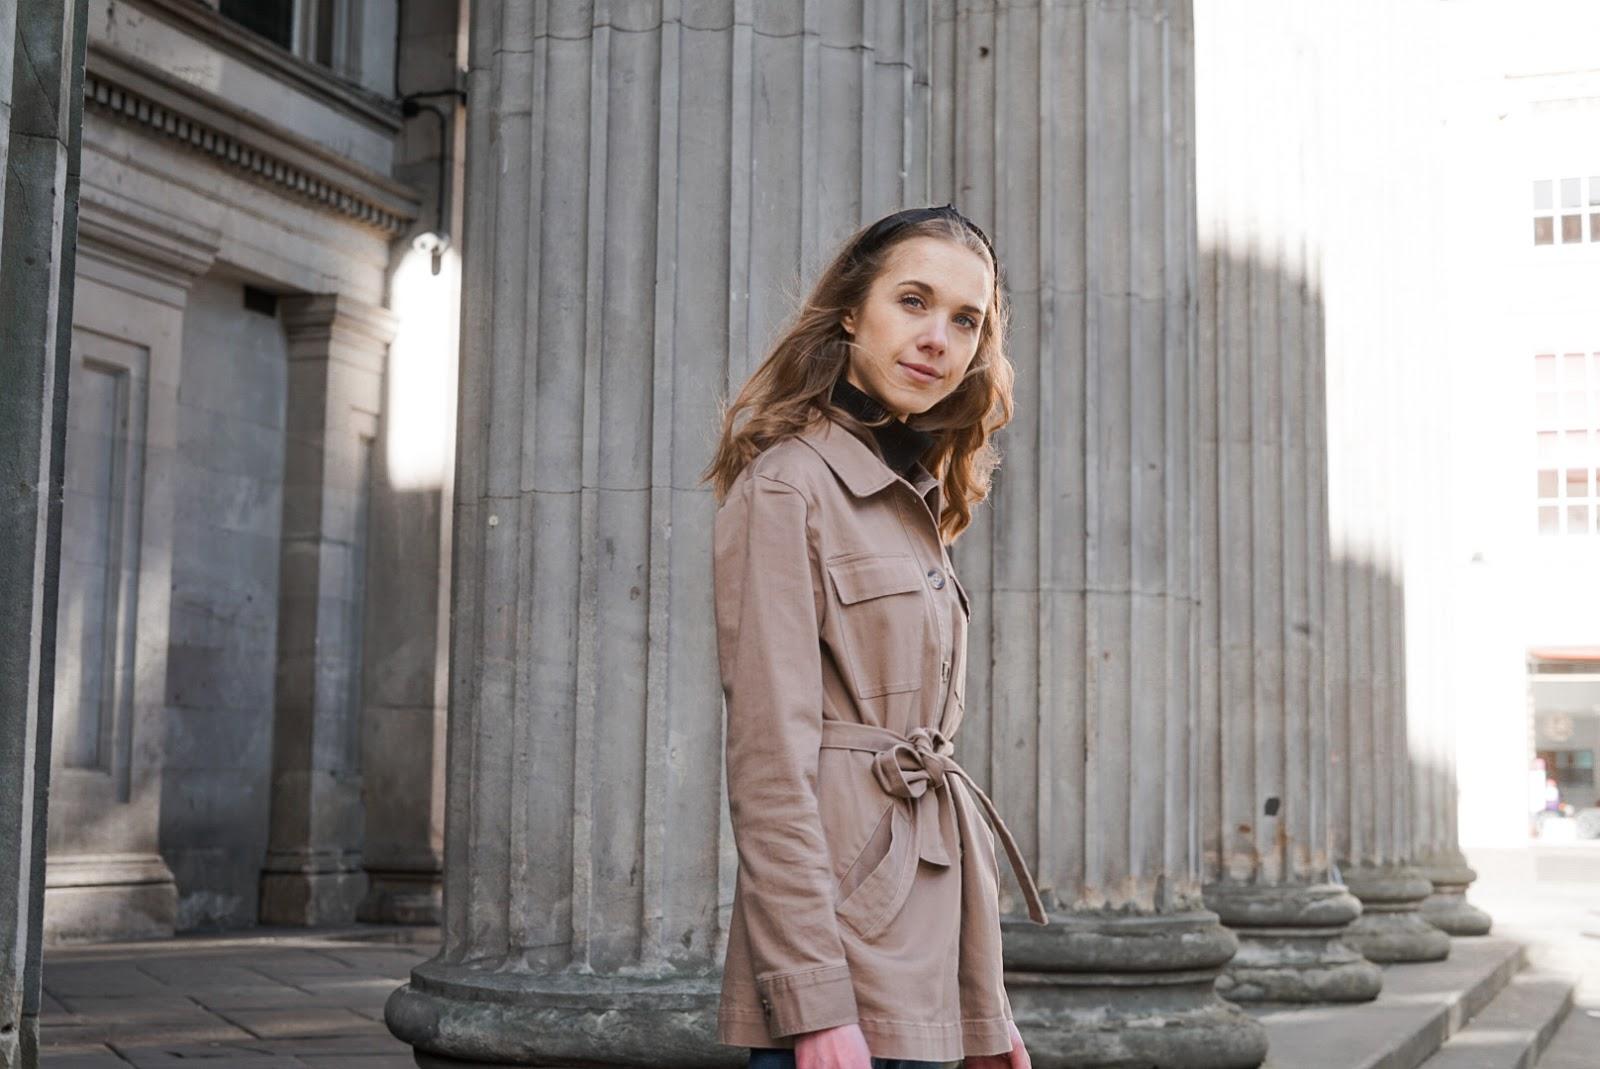 Fashion blogger's guide to looking chic on a budget - Muotibloggaajan opas kuinka näyttää tyylikkäältä edullisesti